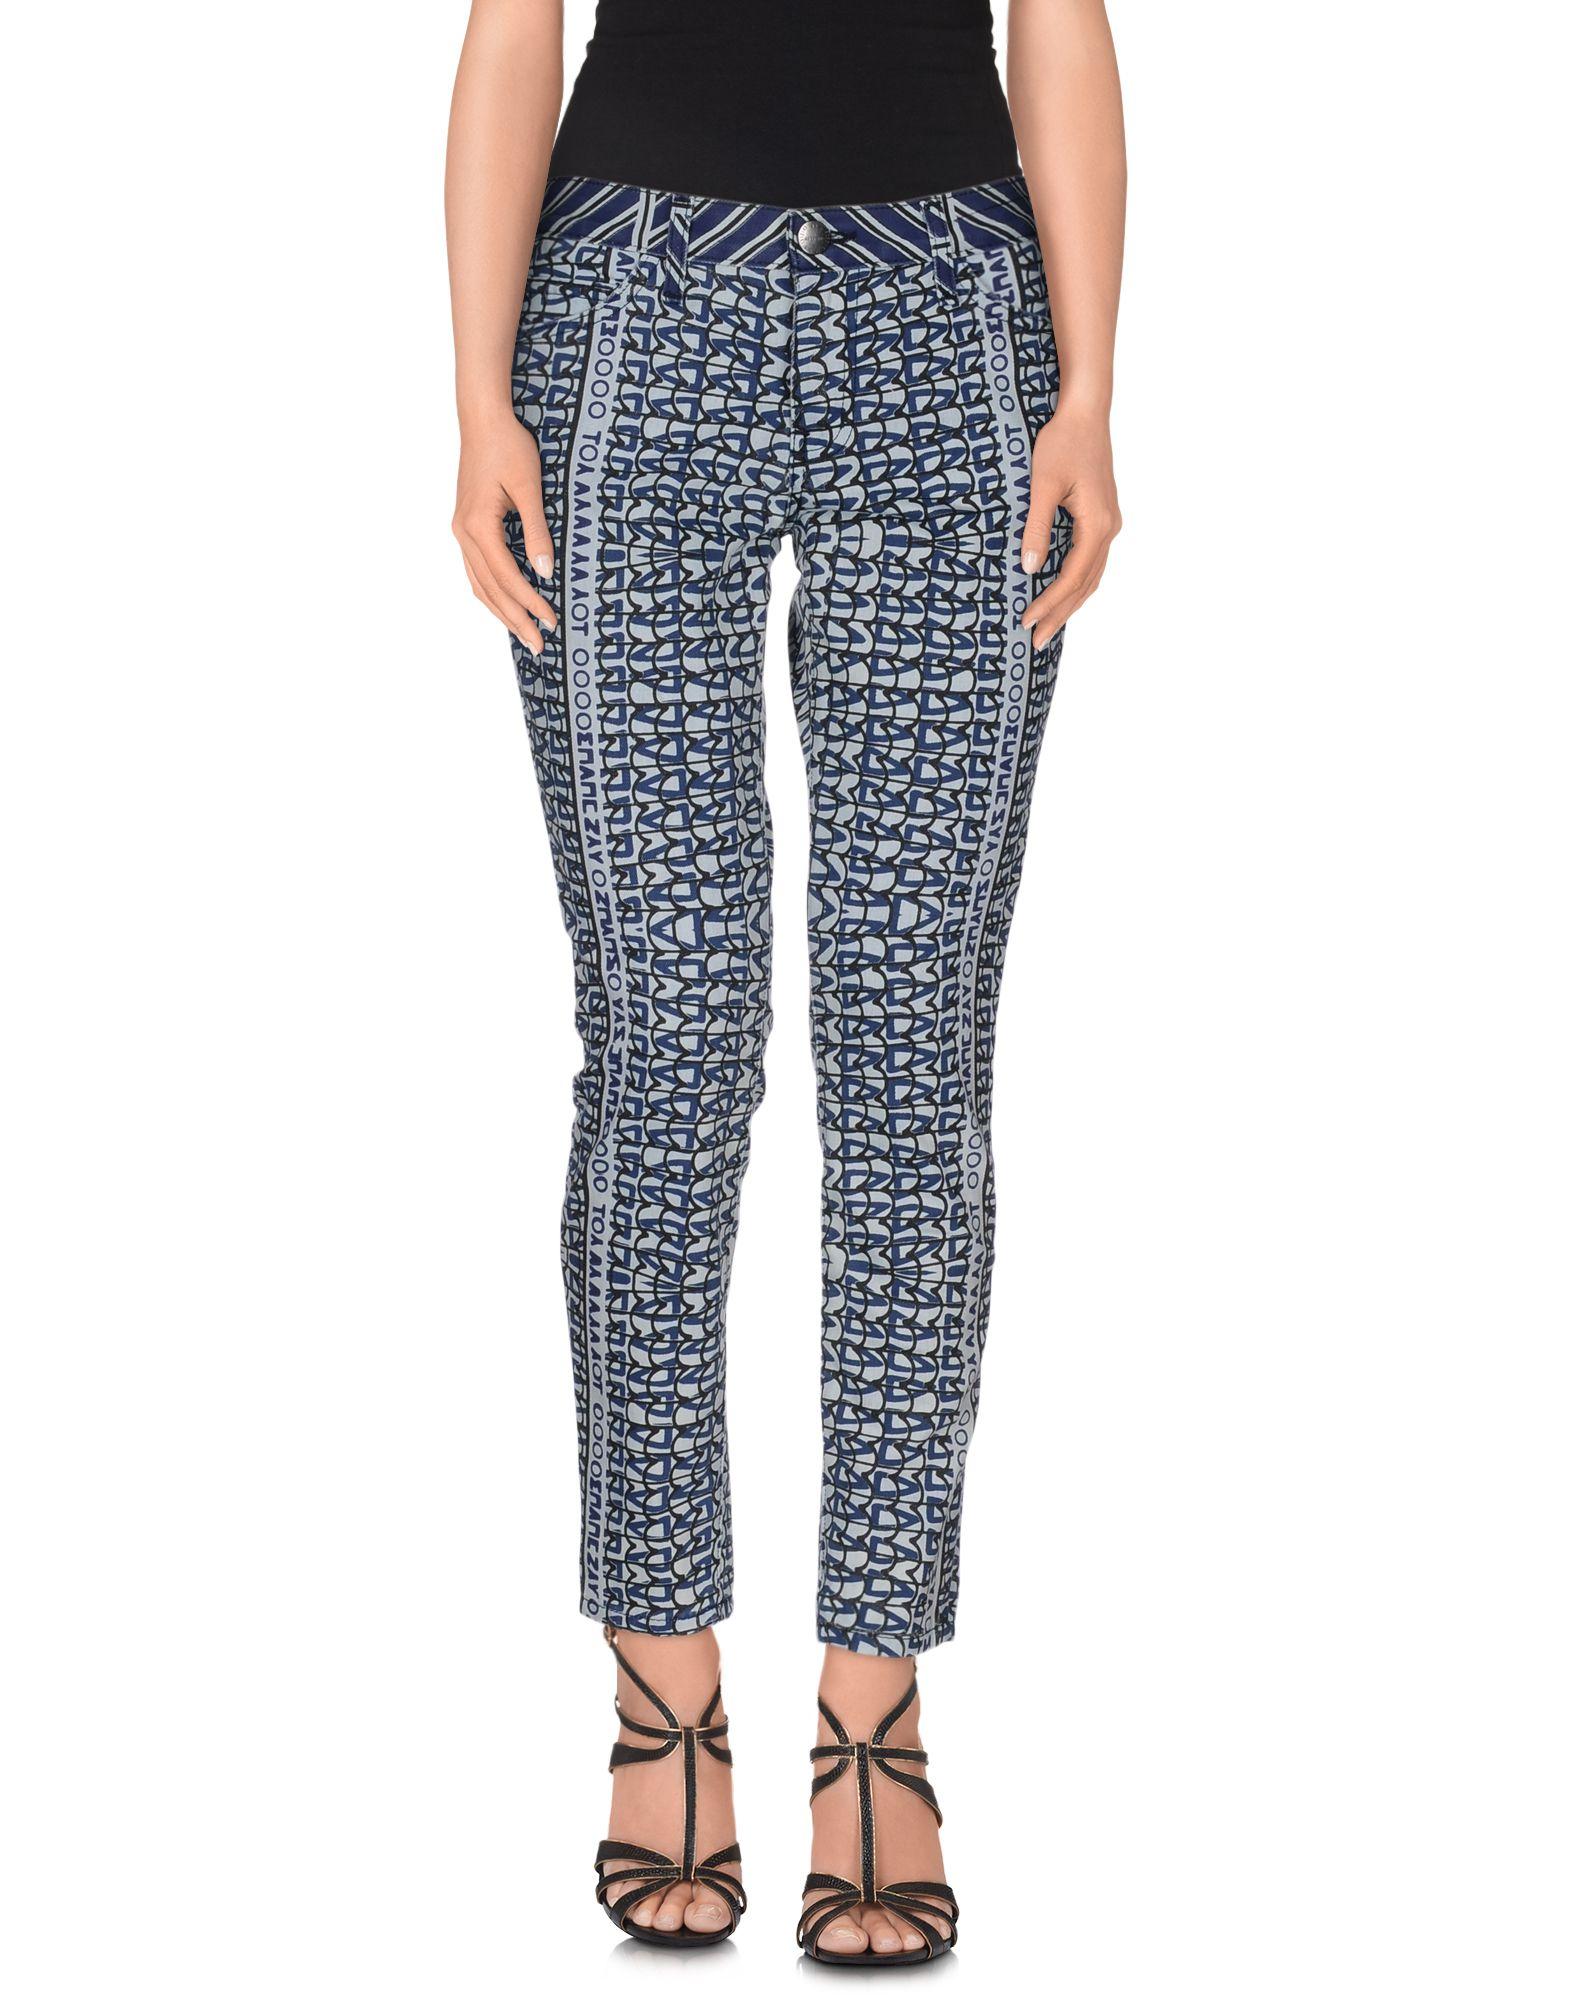 CURRENT/ELLIOTT + MARY KATRANTZOU Джинсовые брюки